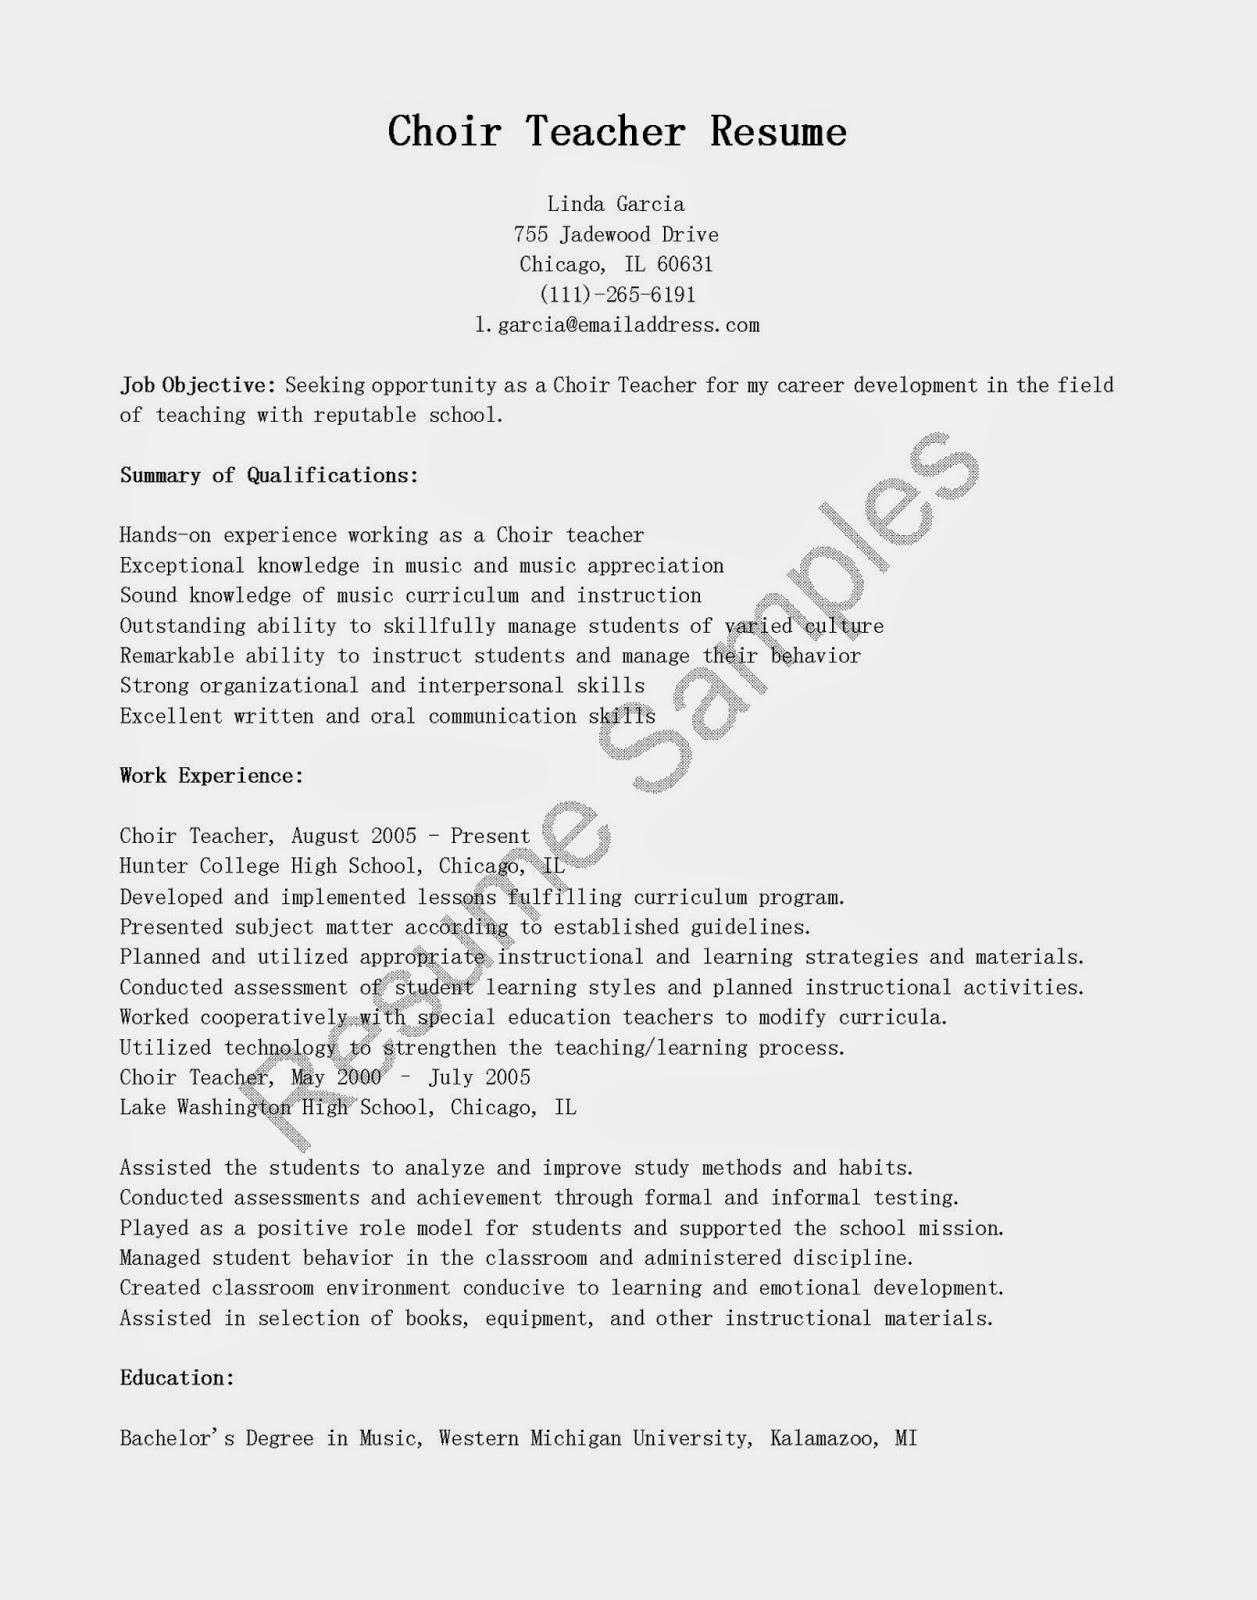 resume samples  choir teacher resume sample